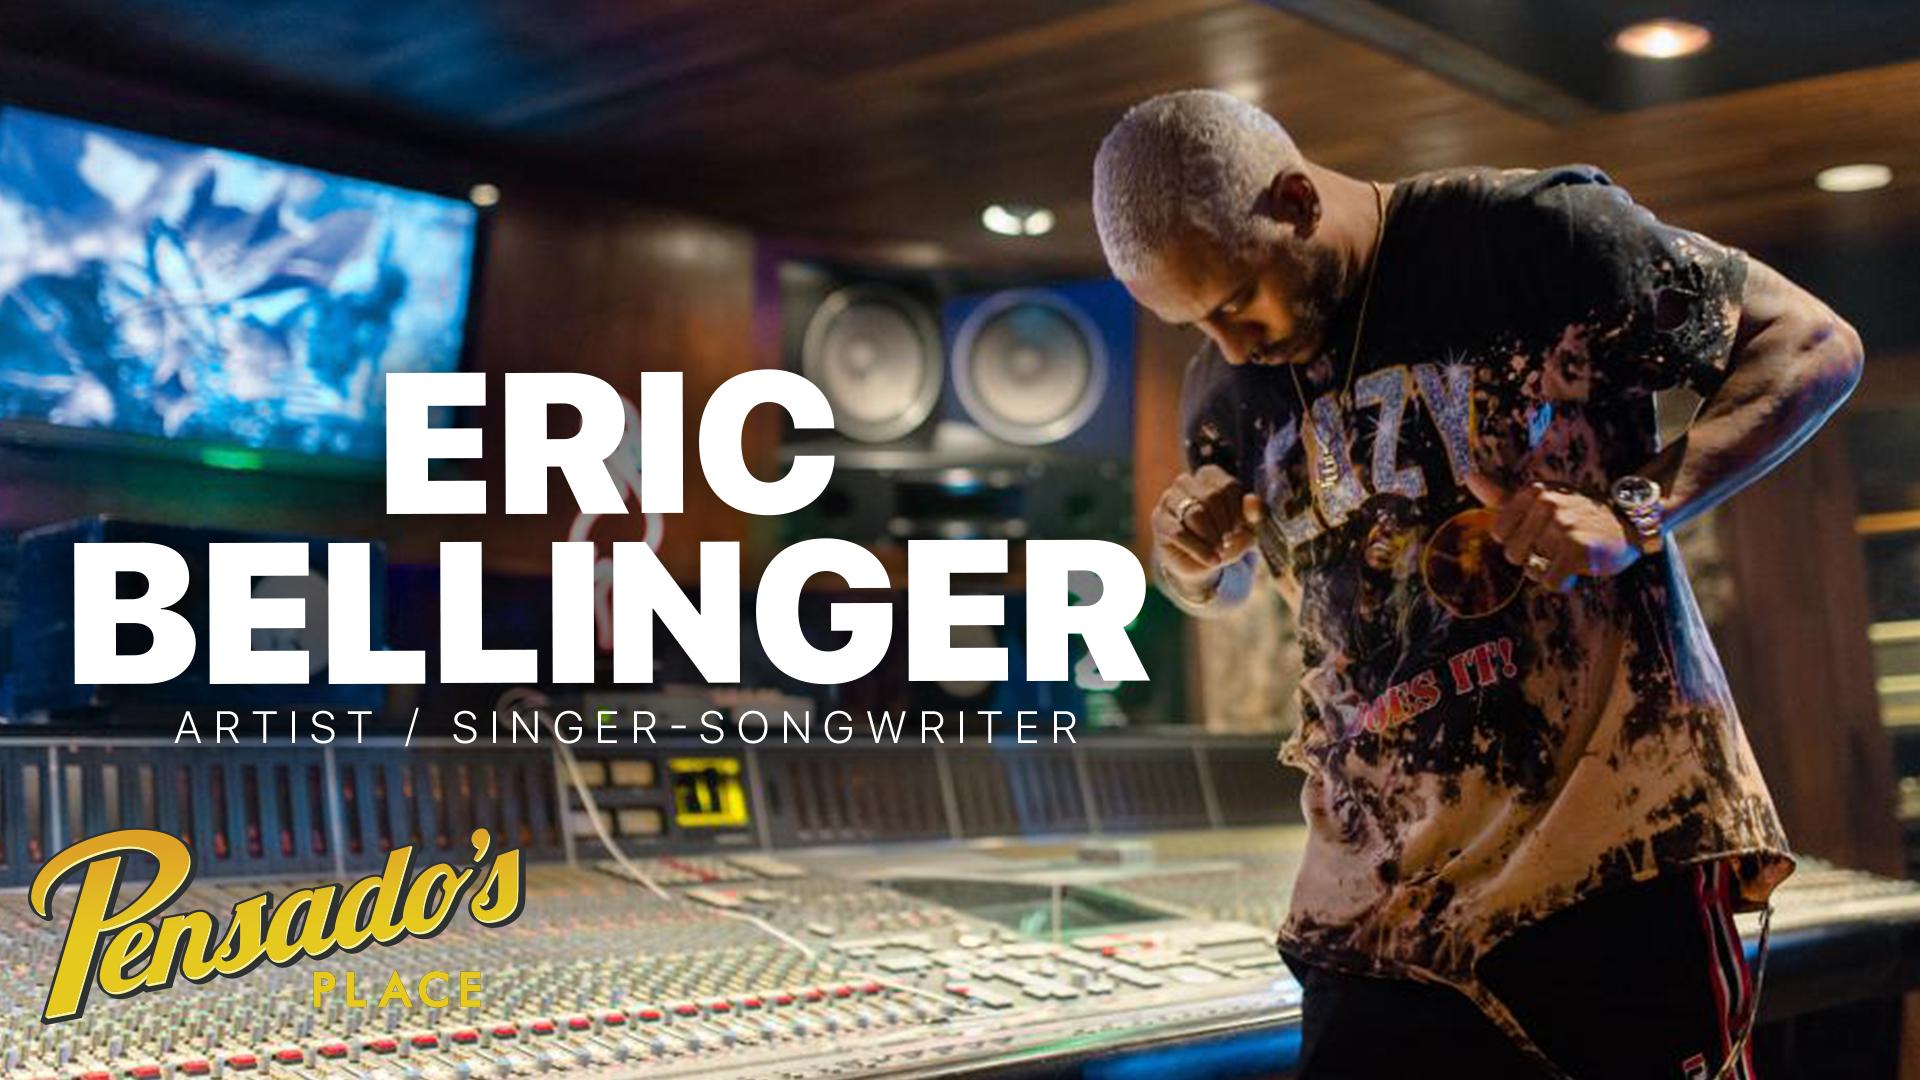 Singer-Songwriter / Producer, Eric Bellinger